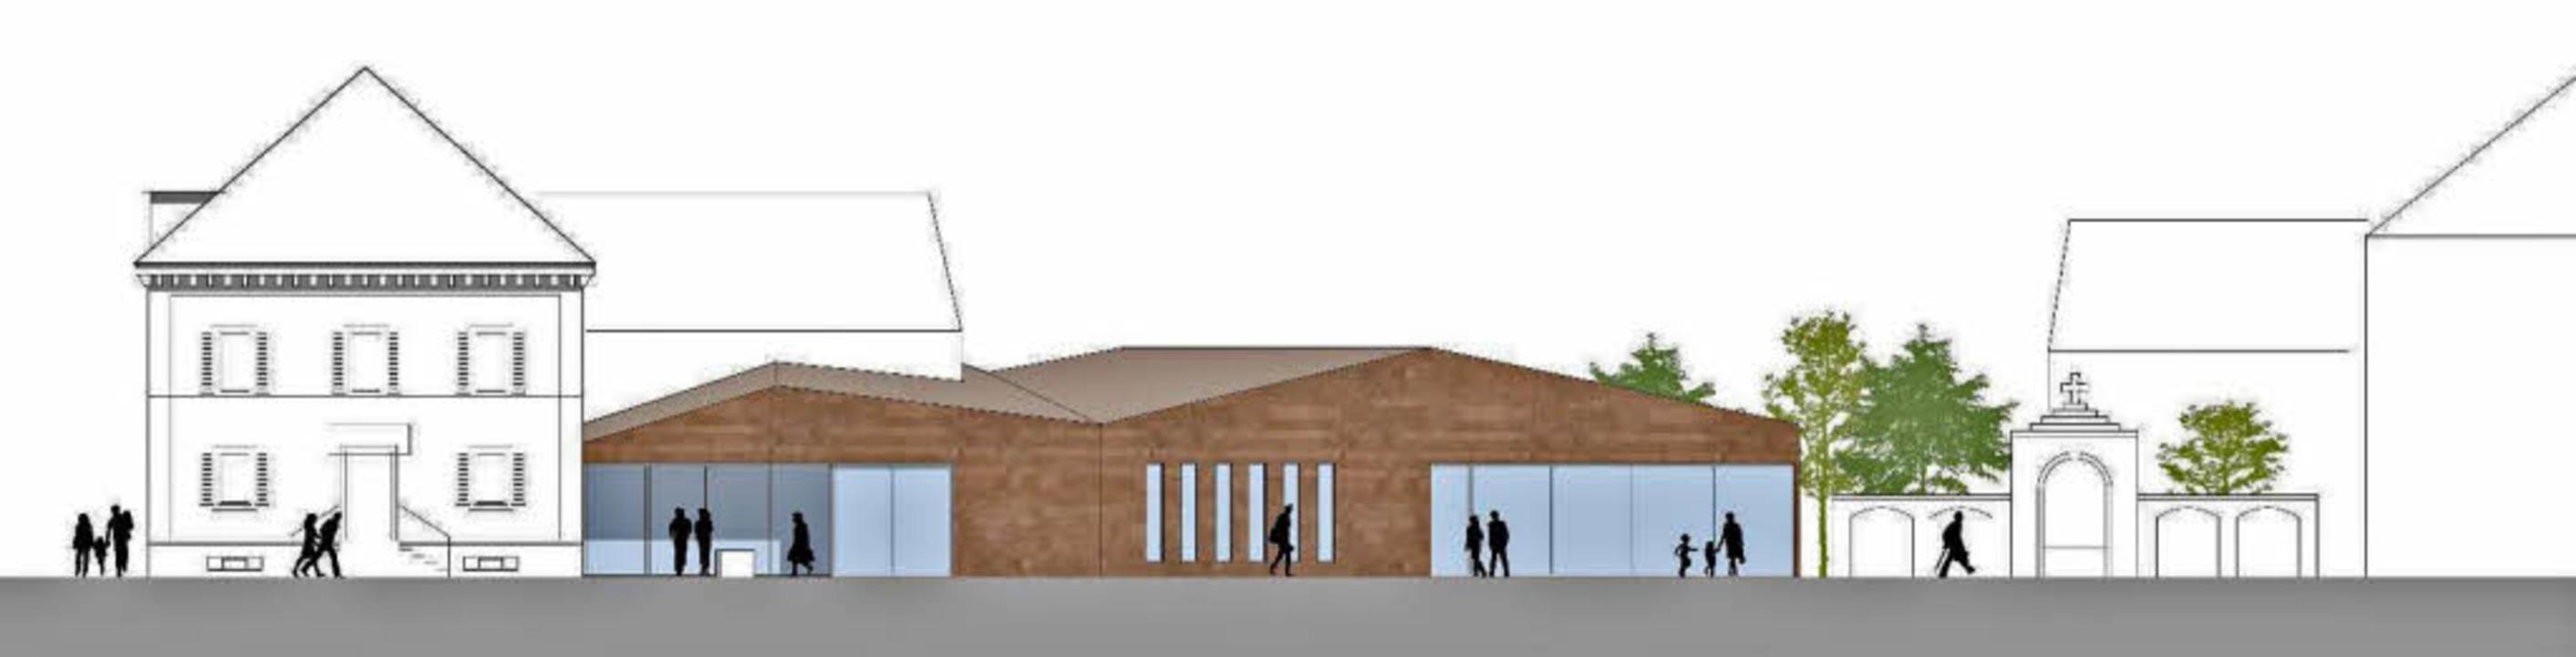 Planentwurf: Das Forchheimer Pfarrhaus...das eingeschossige Gemeindezentrum an.  | Foto: Planskizze: Büro Spiecker und Sautter